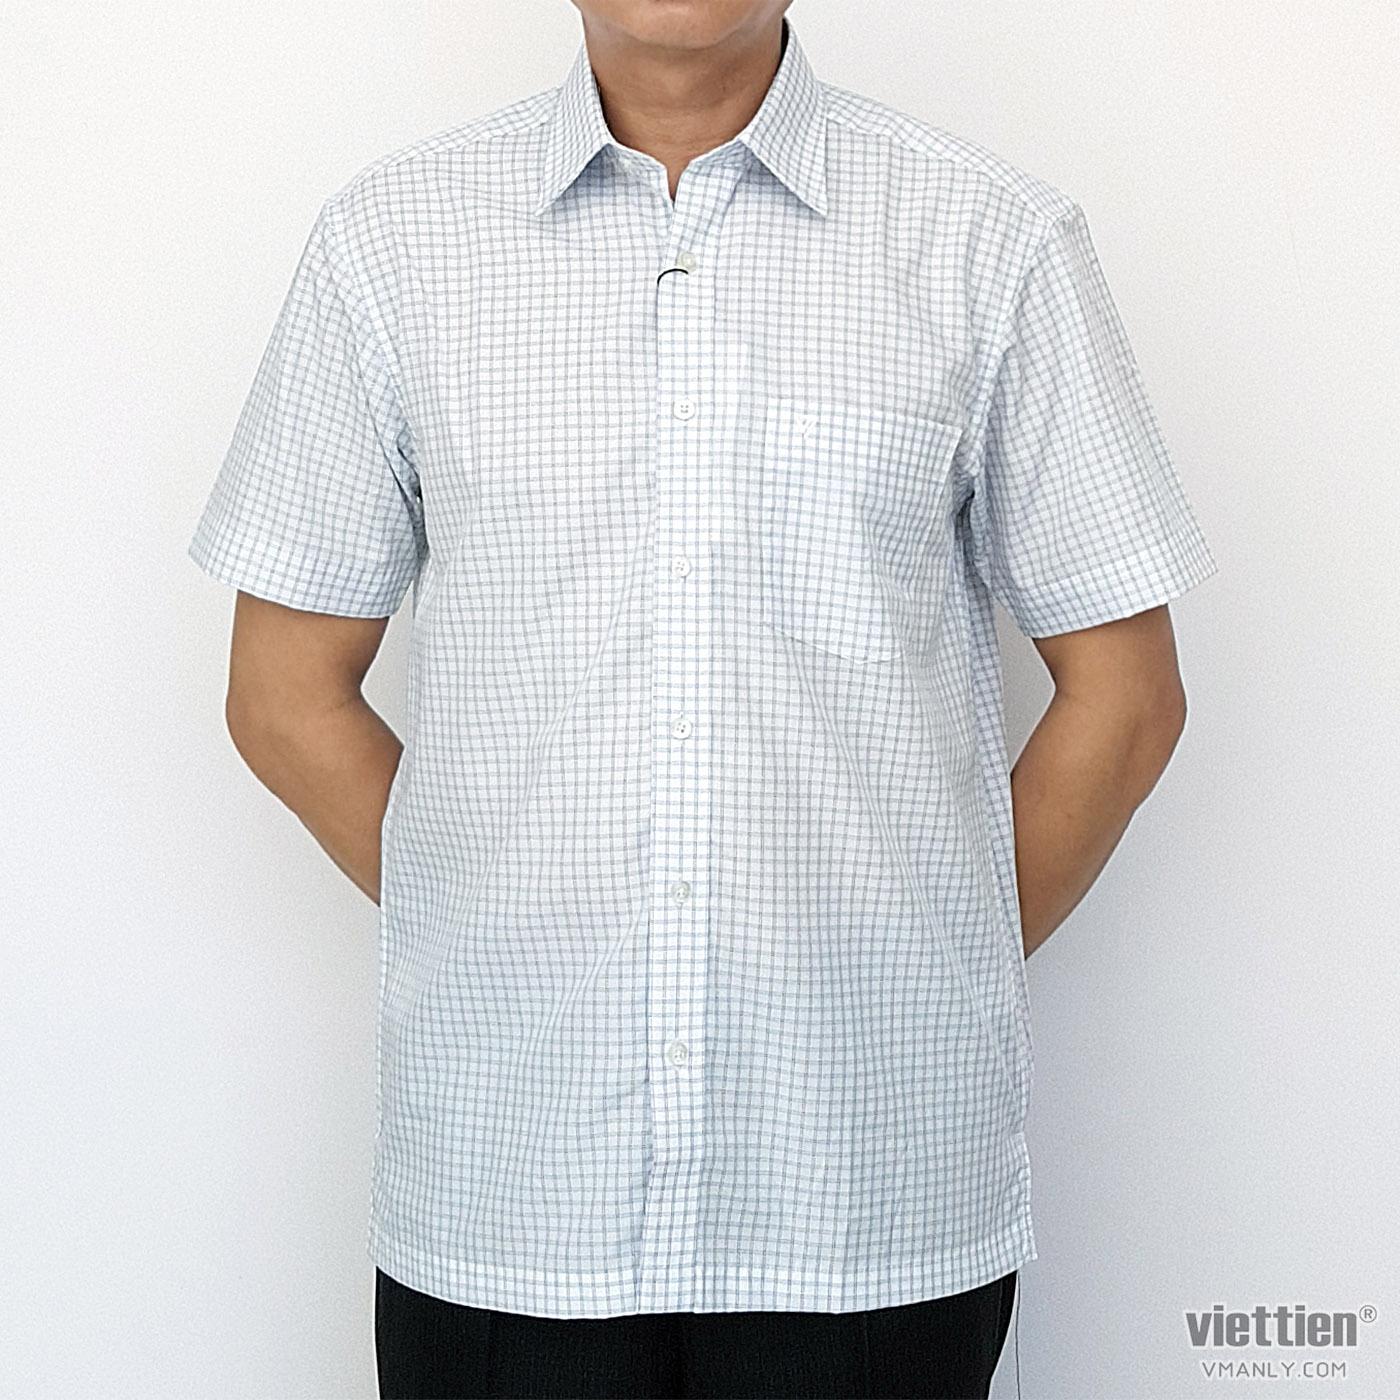 Áo sơ mi nam ngắn tay Việt Tiến màu trắng ca rô xanh 1N2265